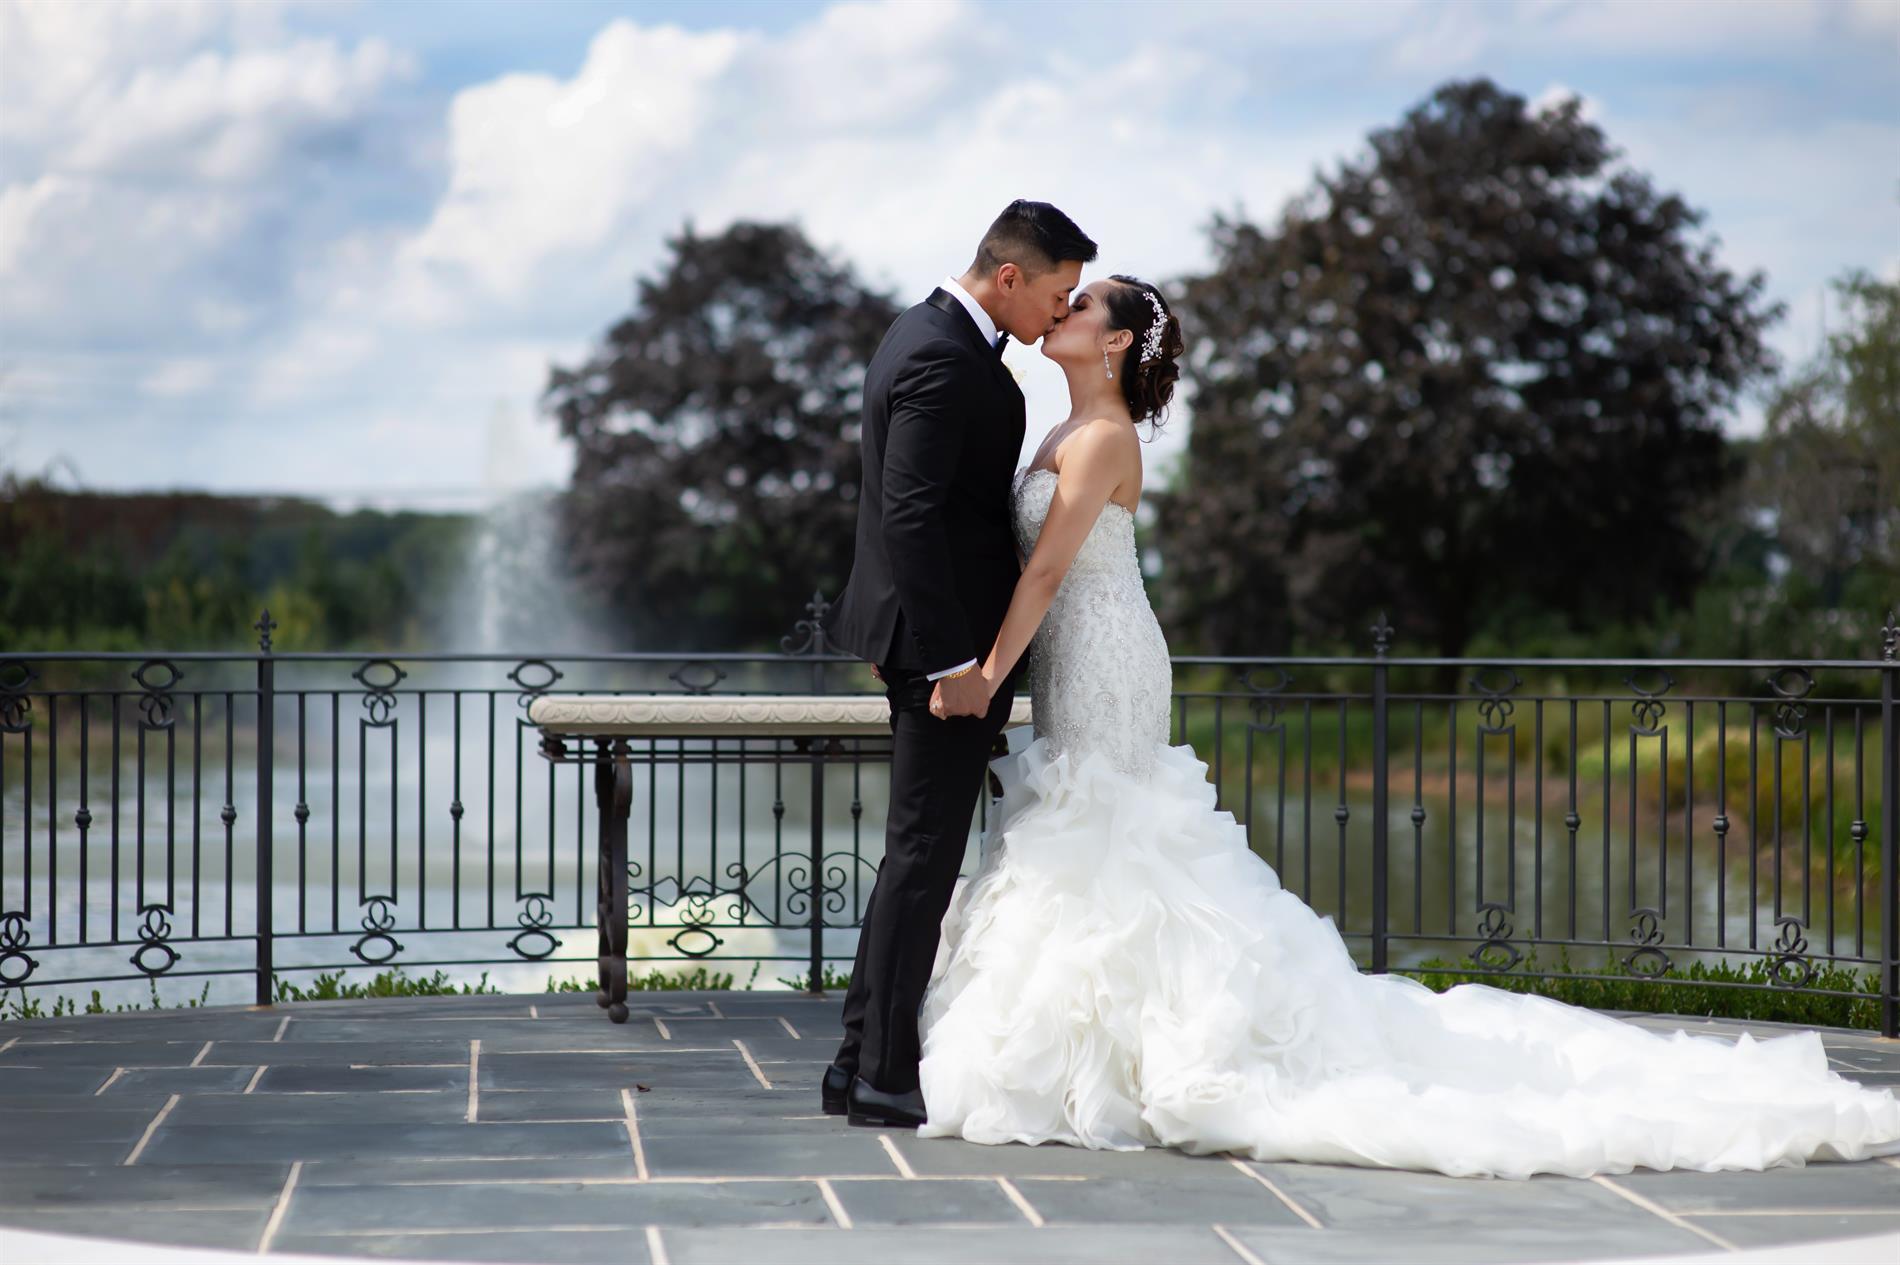 Cristine and Micheal Wedding Photos Photos